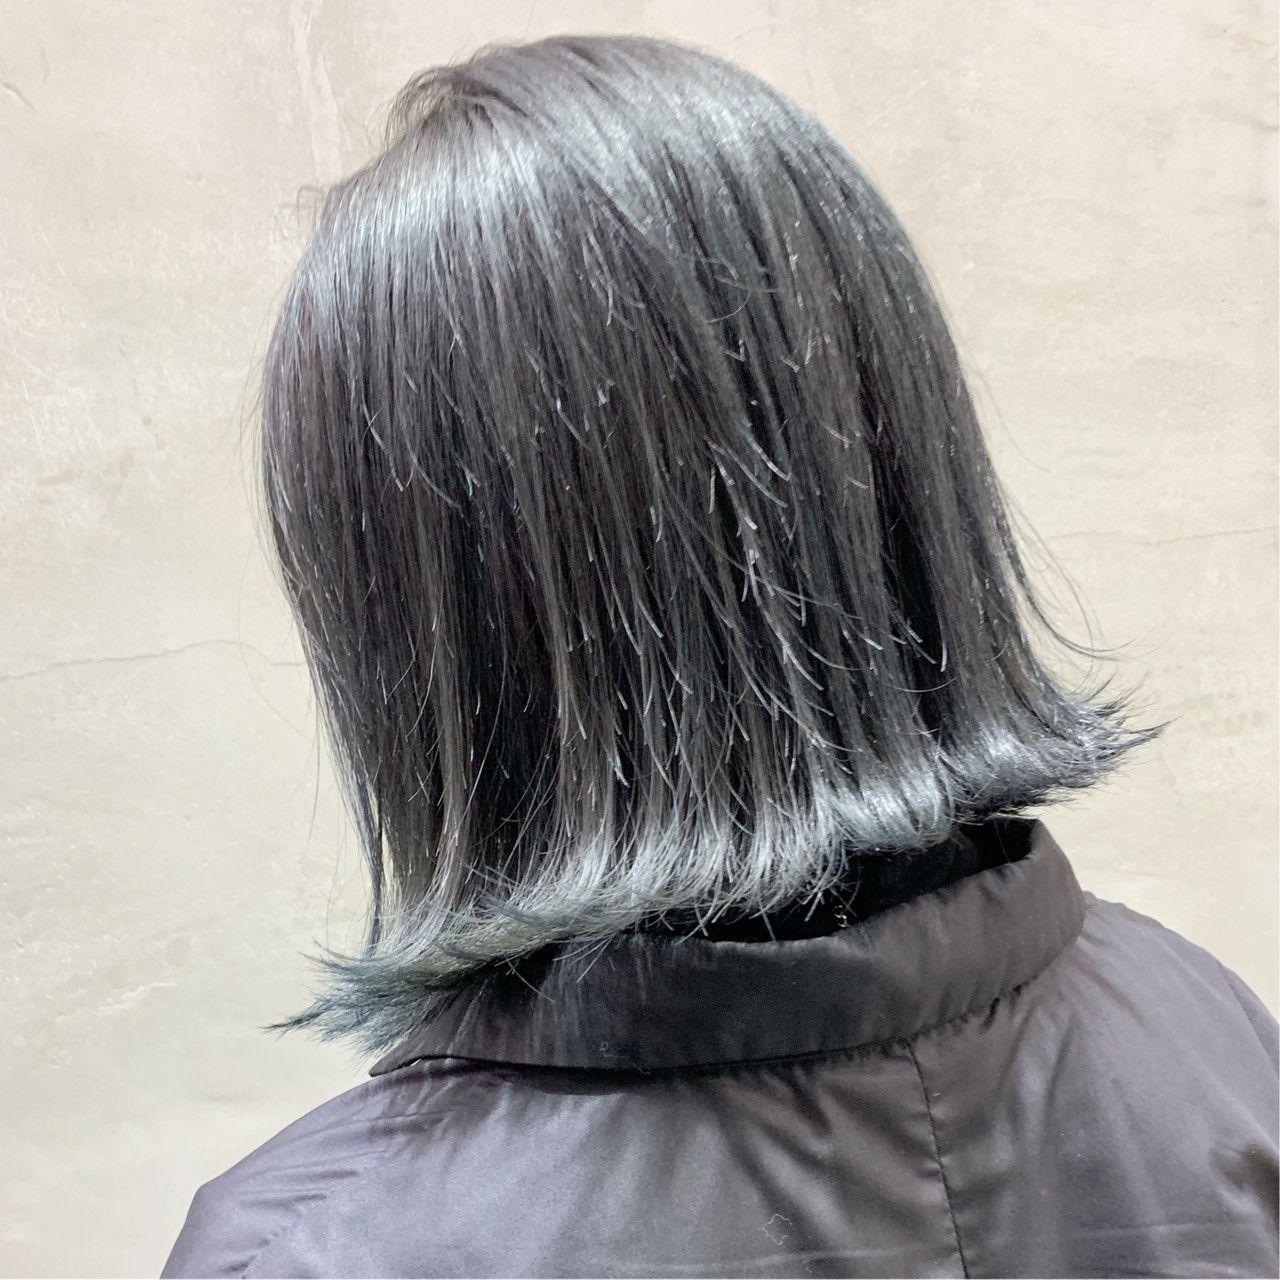 グレーヘアカラーが最旬 透明感あふれるトーン別スタイルを公開 Hair グレー ヘアカラー ヘアカラー ヘアスタイル ロング